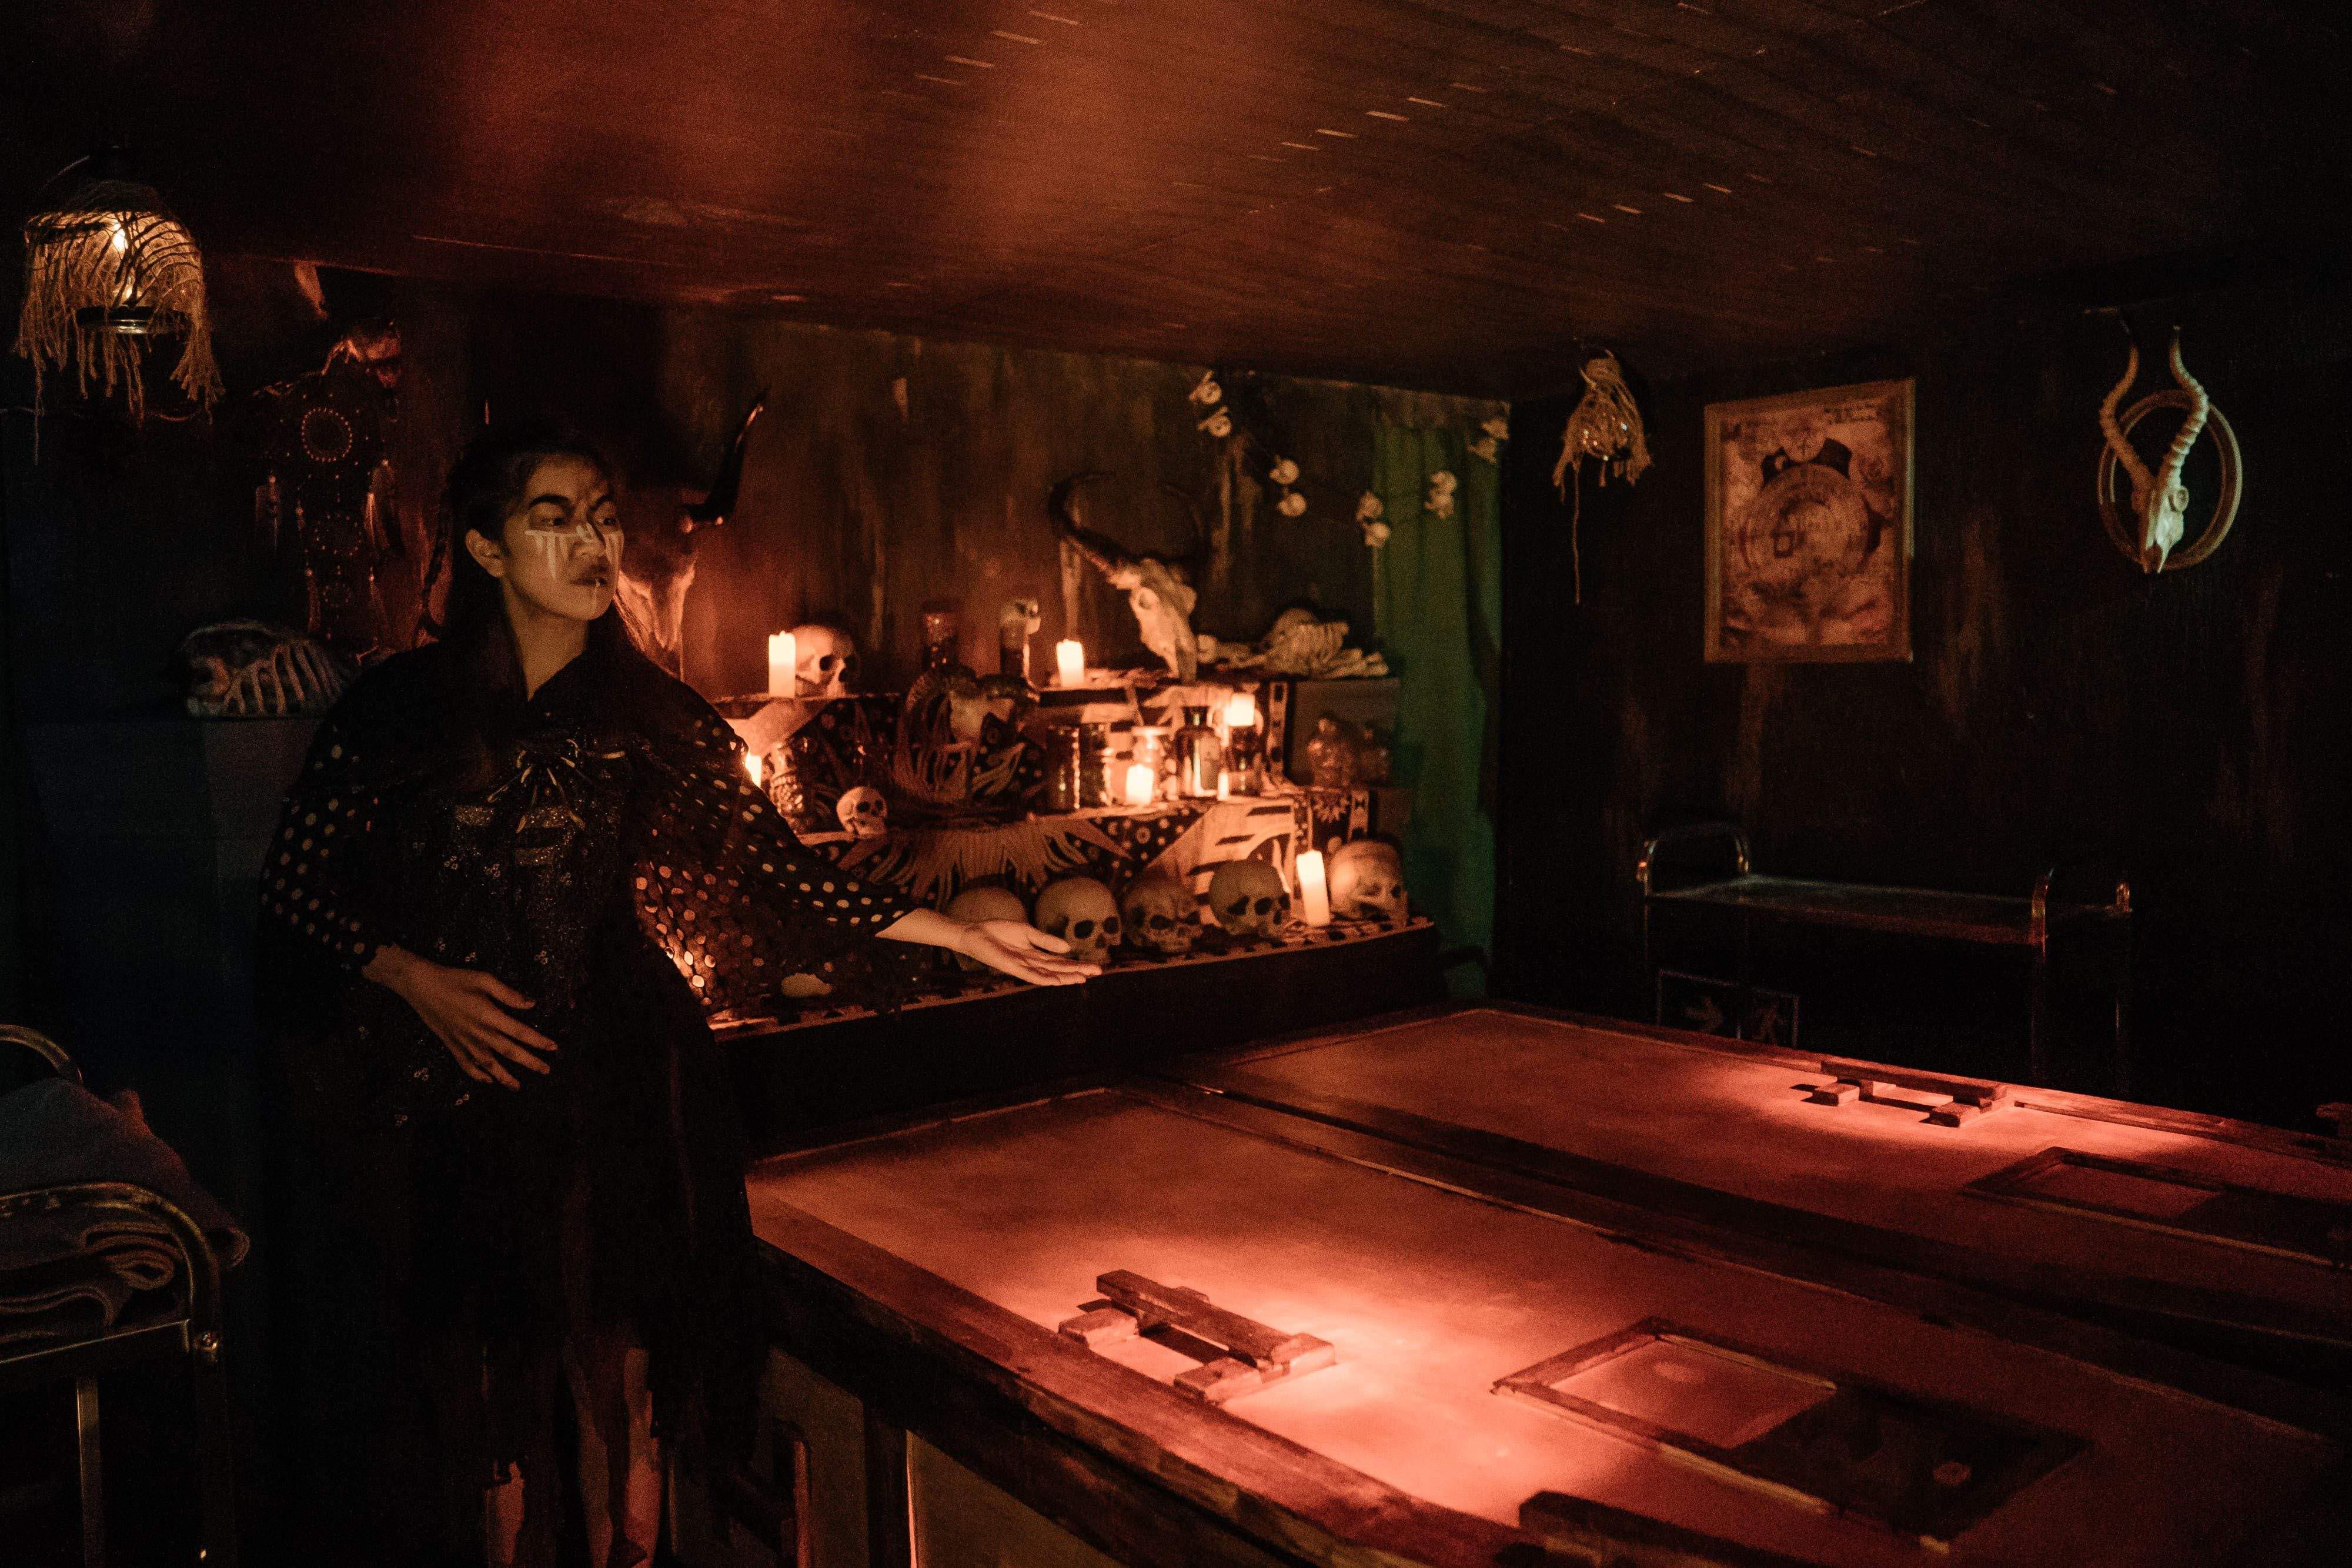 海洋公园鬼屋「活埋凶间」内部,挑战者将独自躺进棺材内.